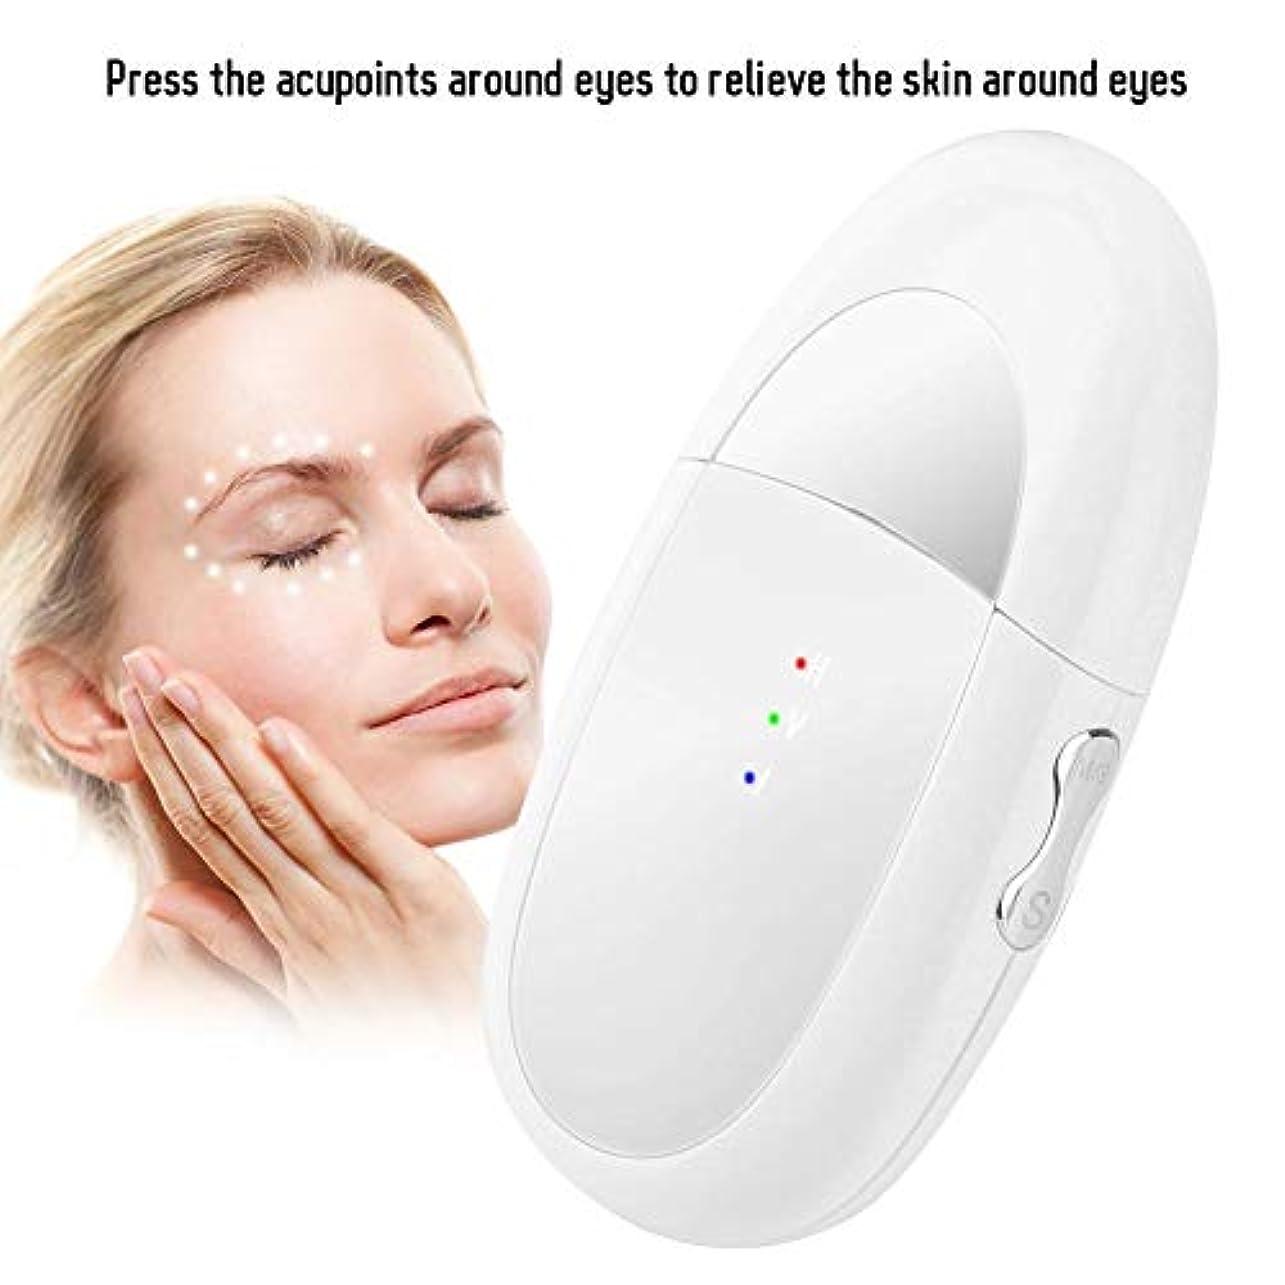 アイマッサージャー、2 in 1 Eye&Lipマッサージャーイオンインポートバイブレーションマッサージャーは、ダークサークルとむくみを緩和しますEyes&Lips Care Device